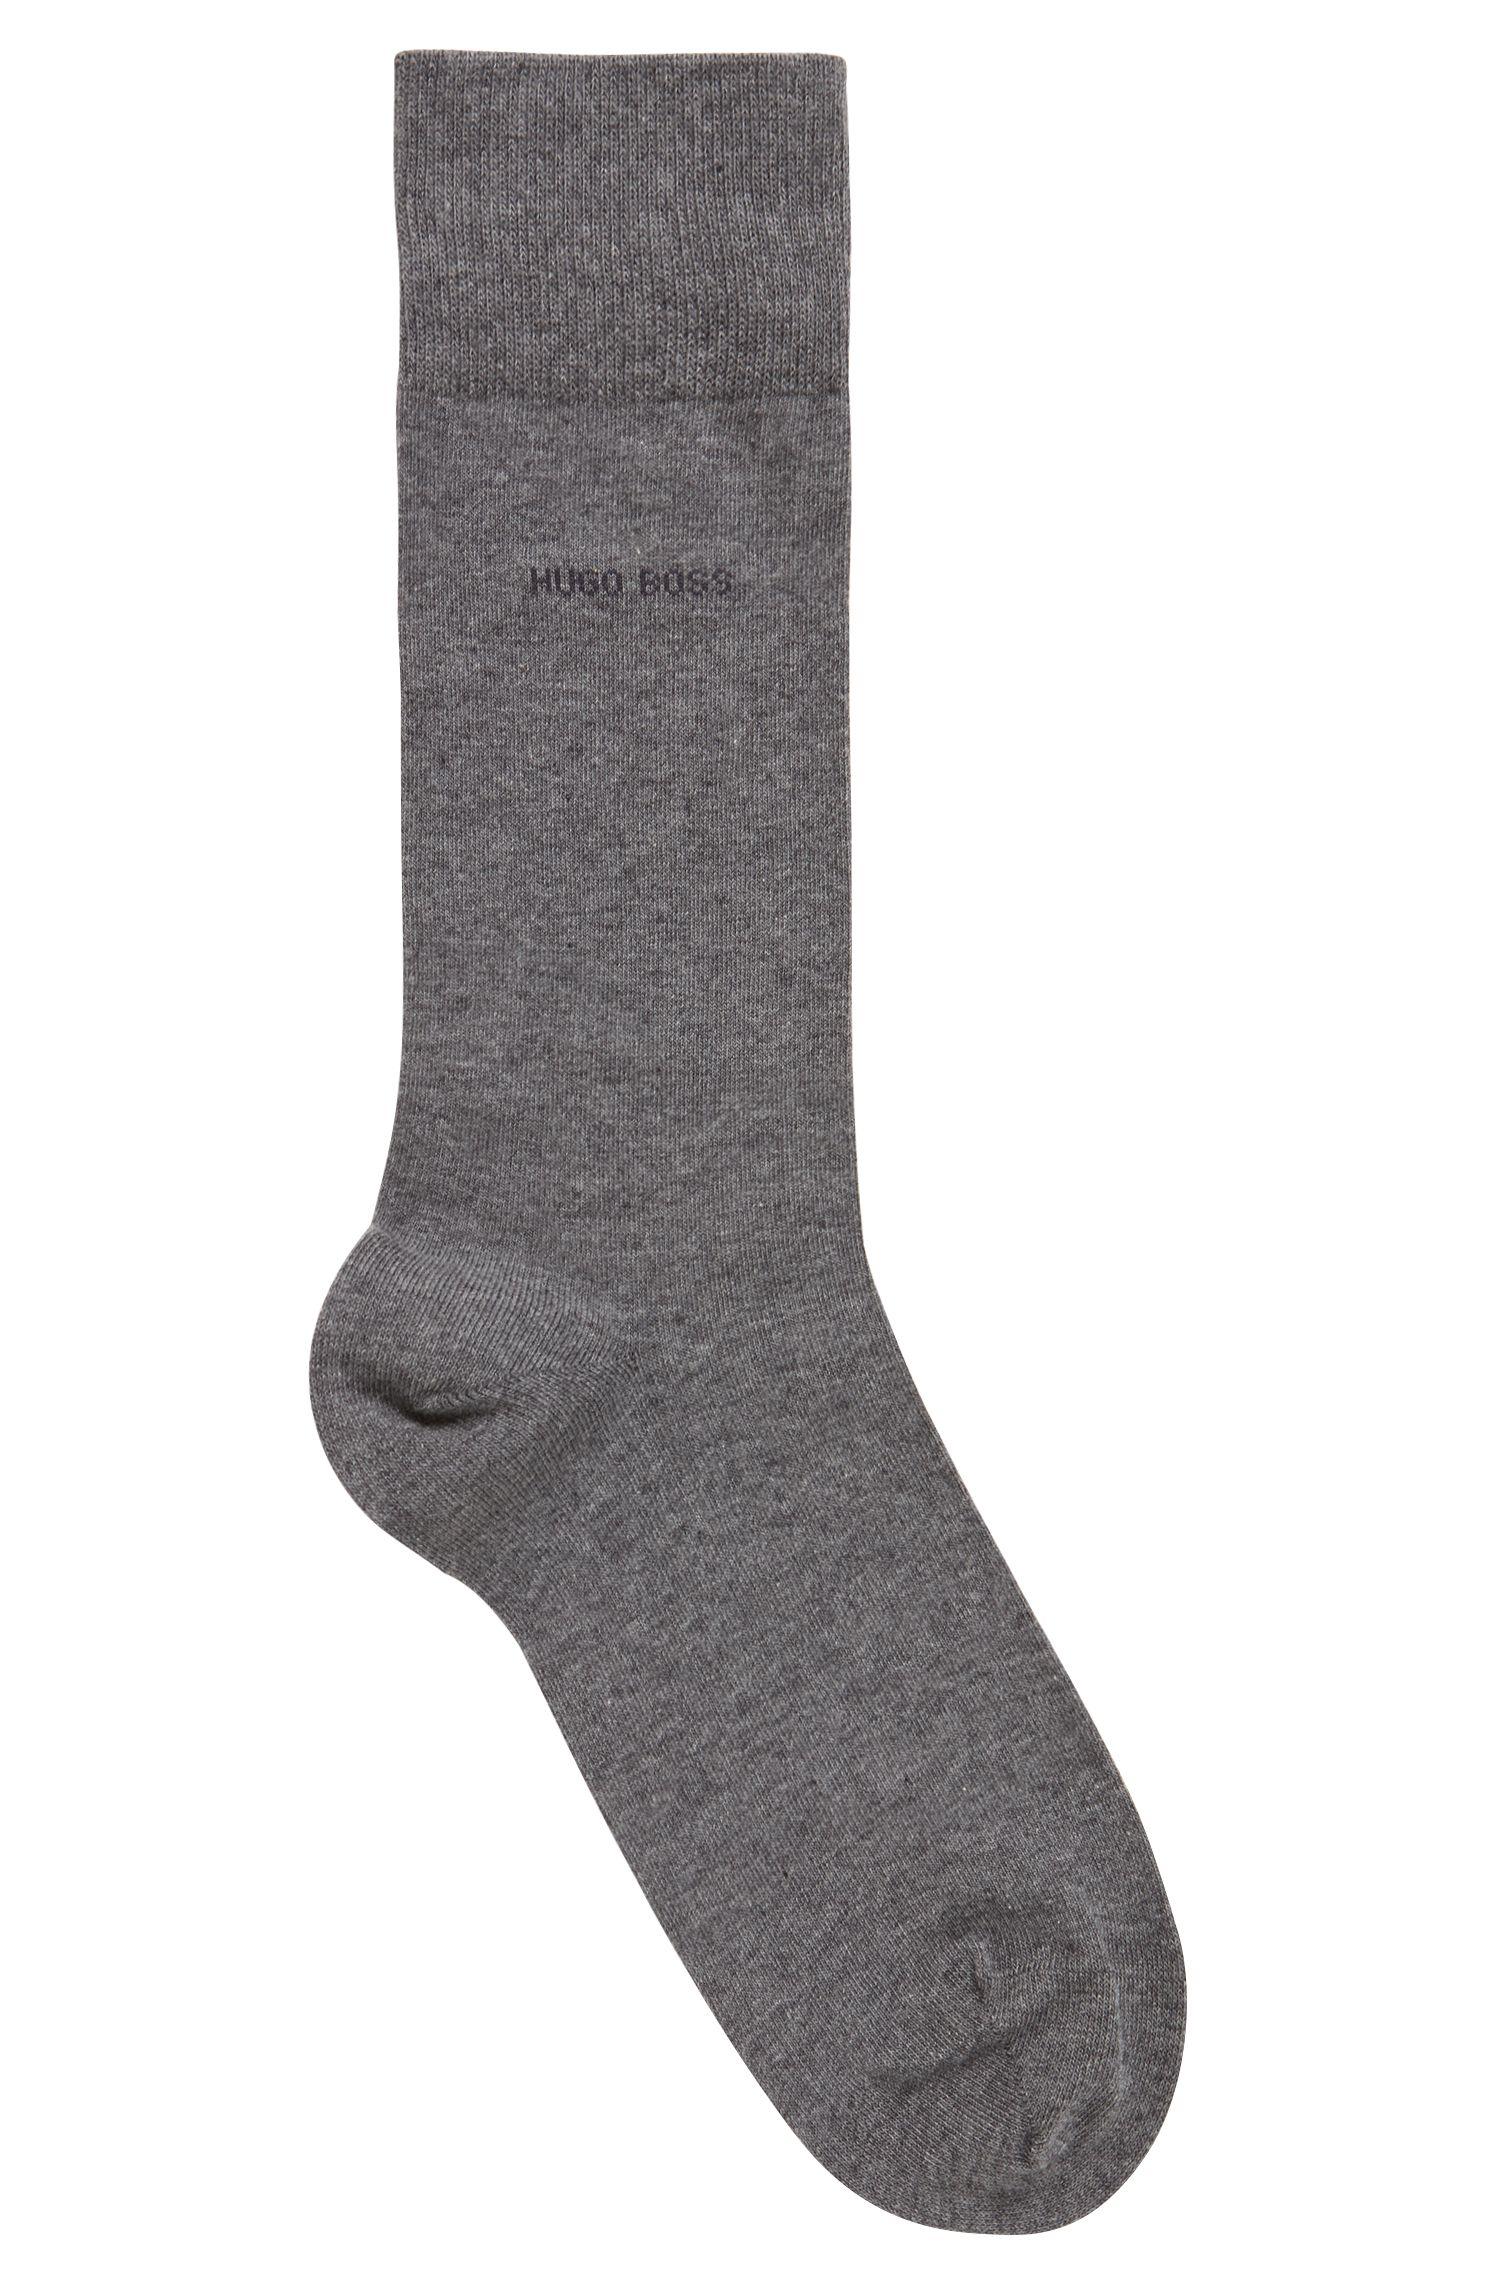 Calze di lunghezza media in cotone elasticizzato pettinato, Grigio